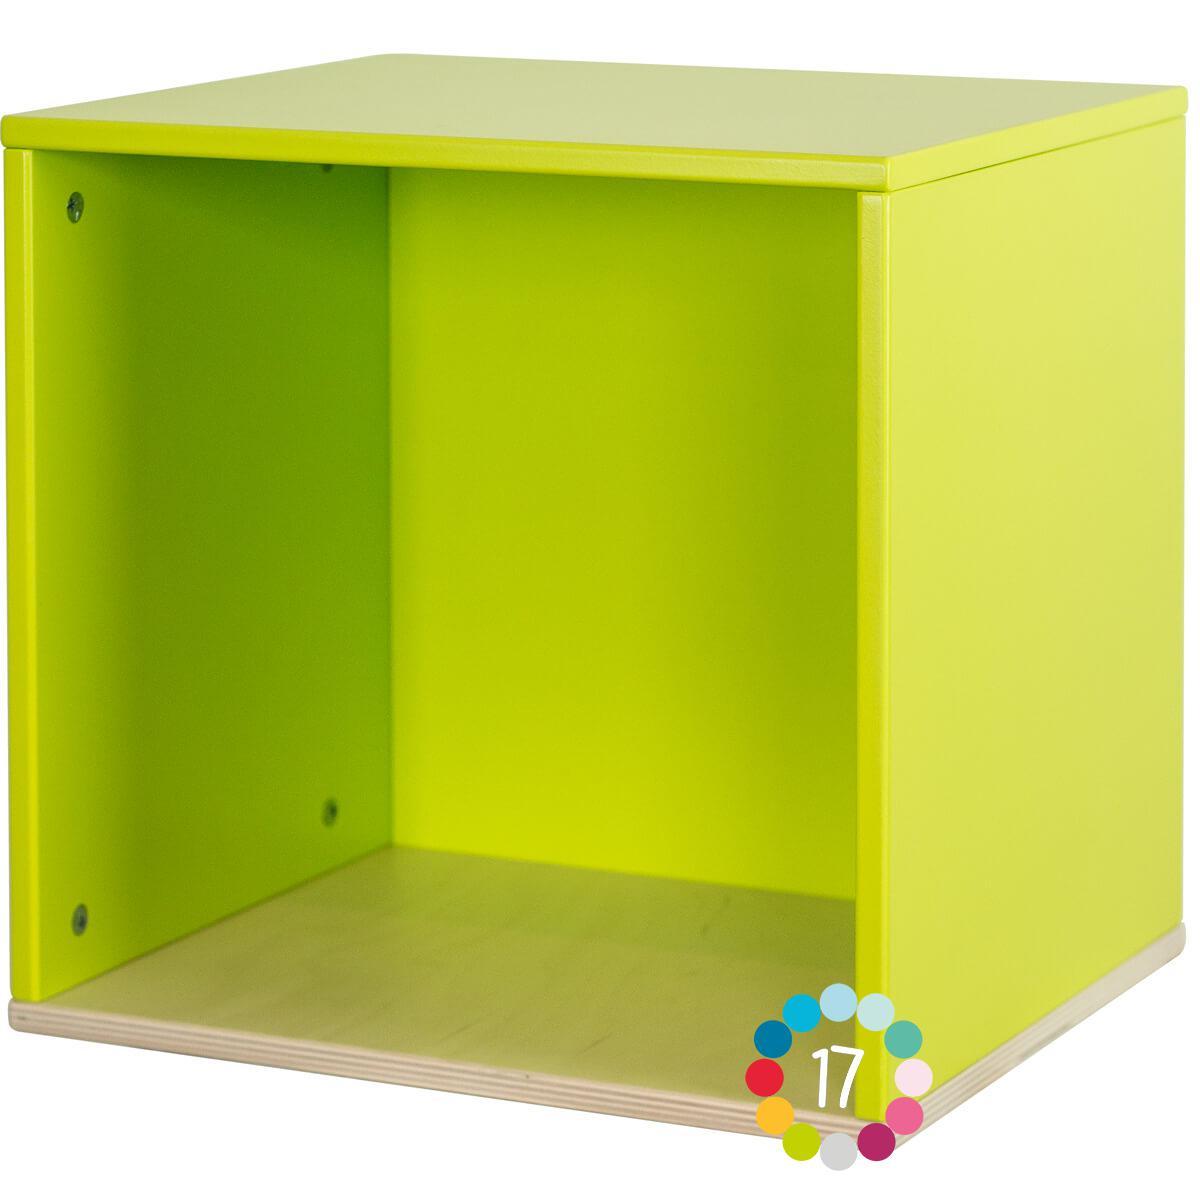 Cube mural COLORFLEX lime